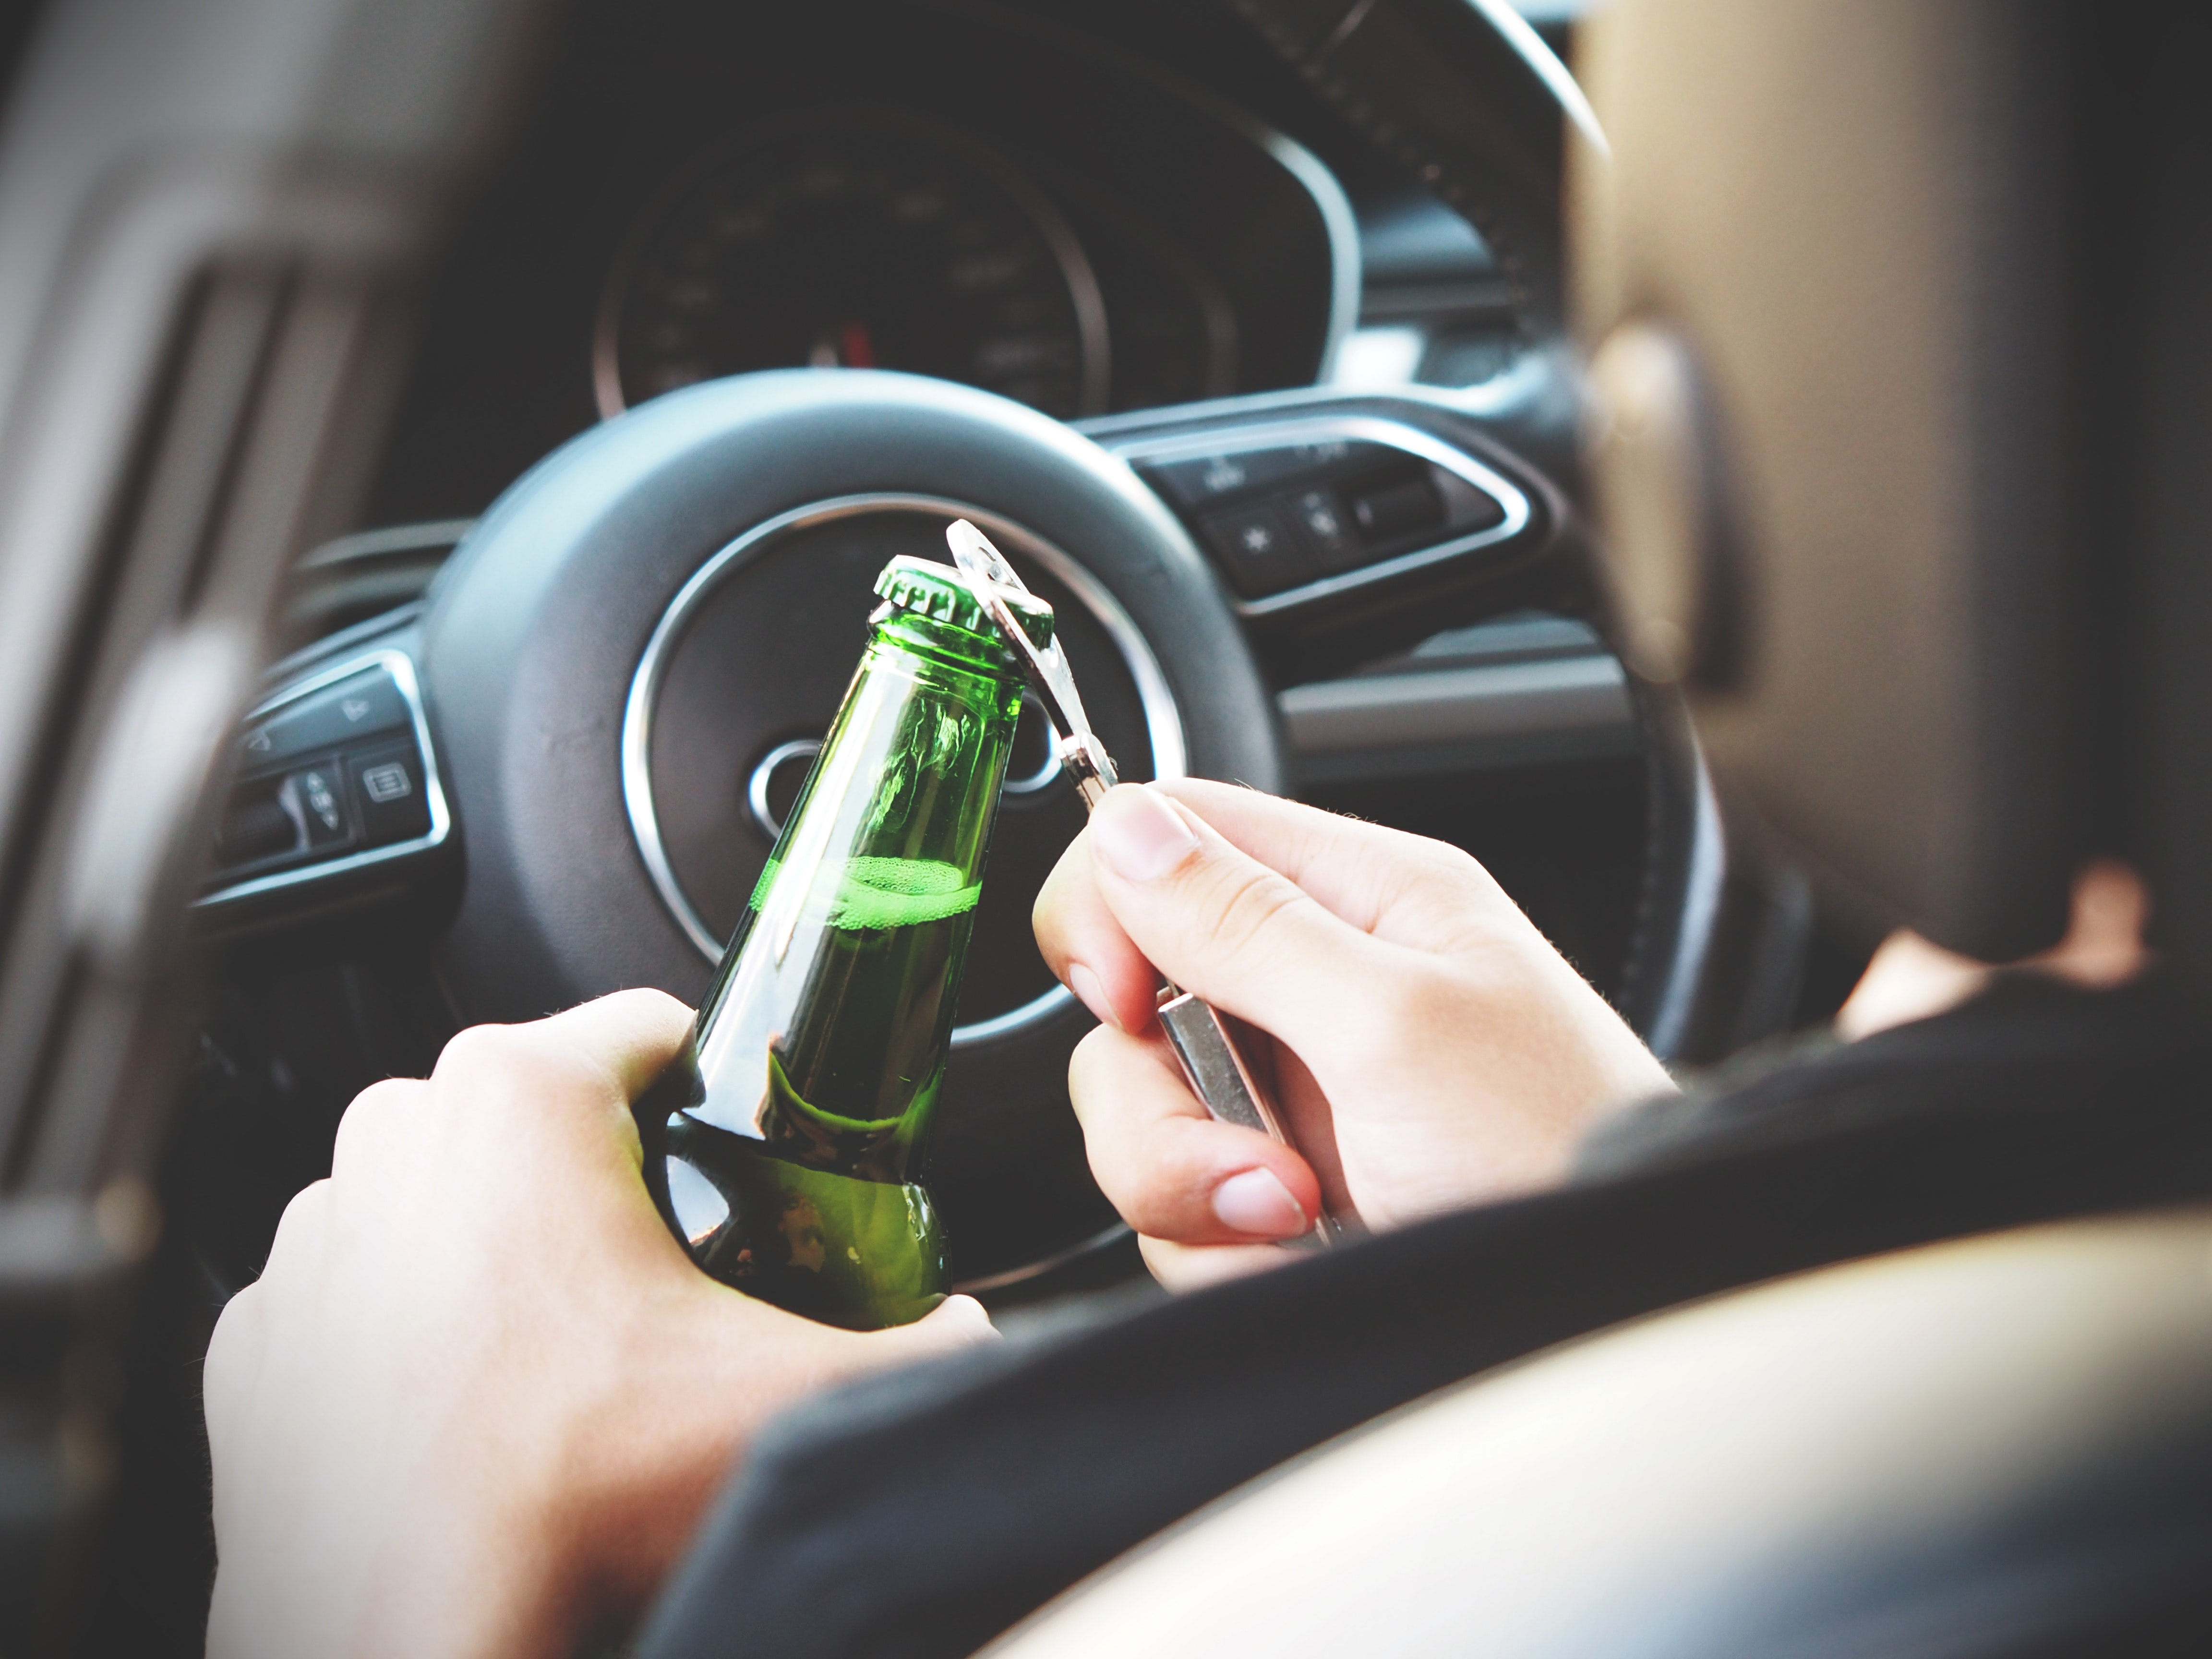 Imagen que contiene interior, cerveza, coche